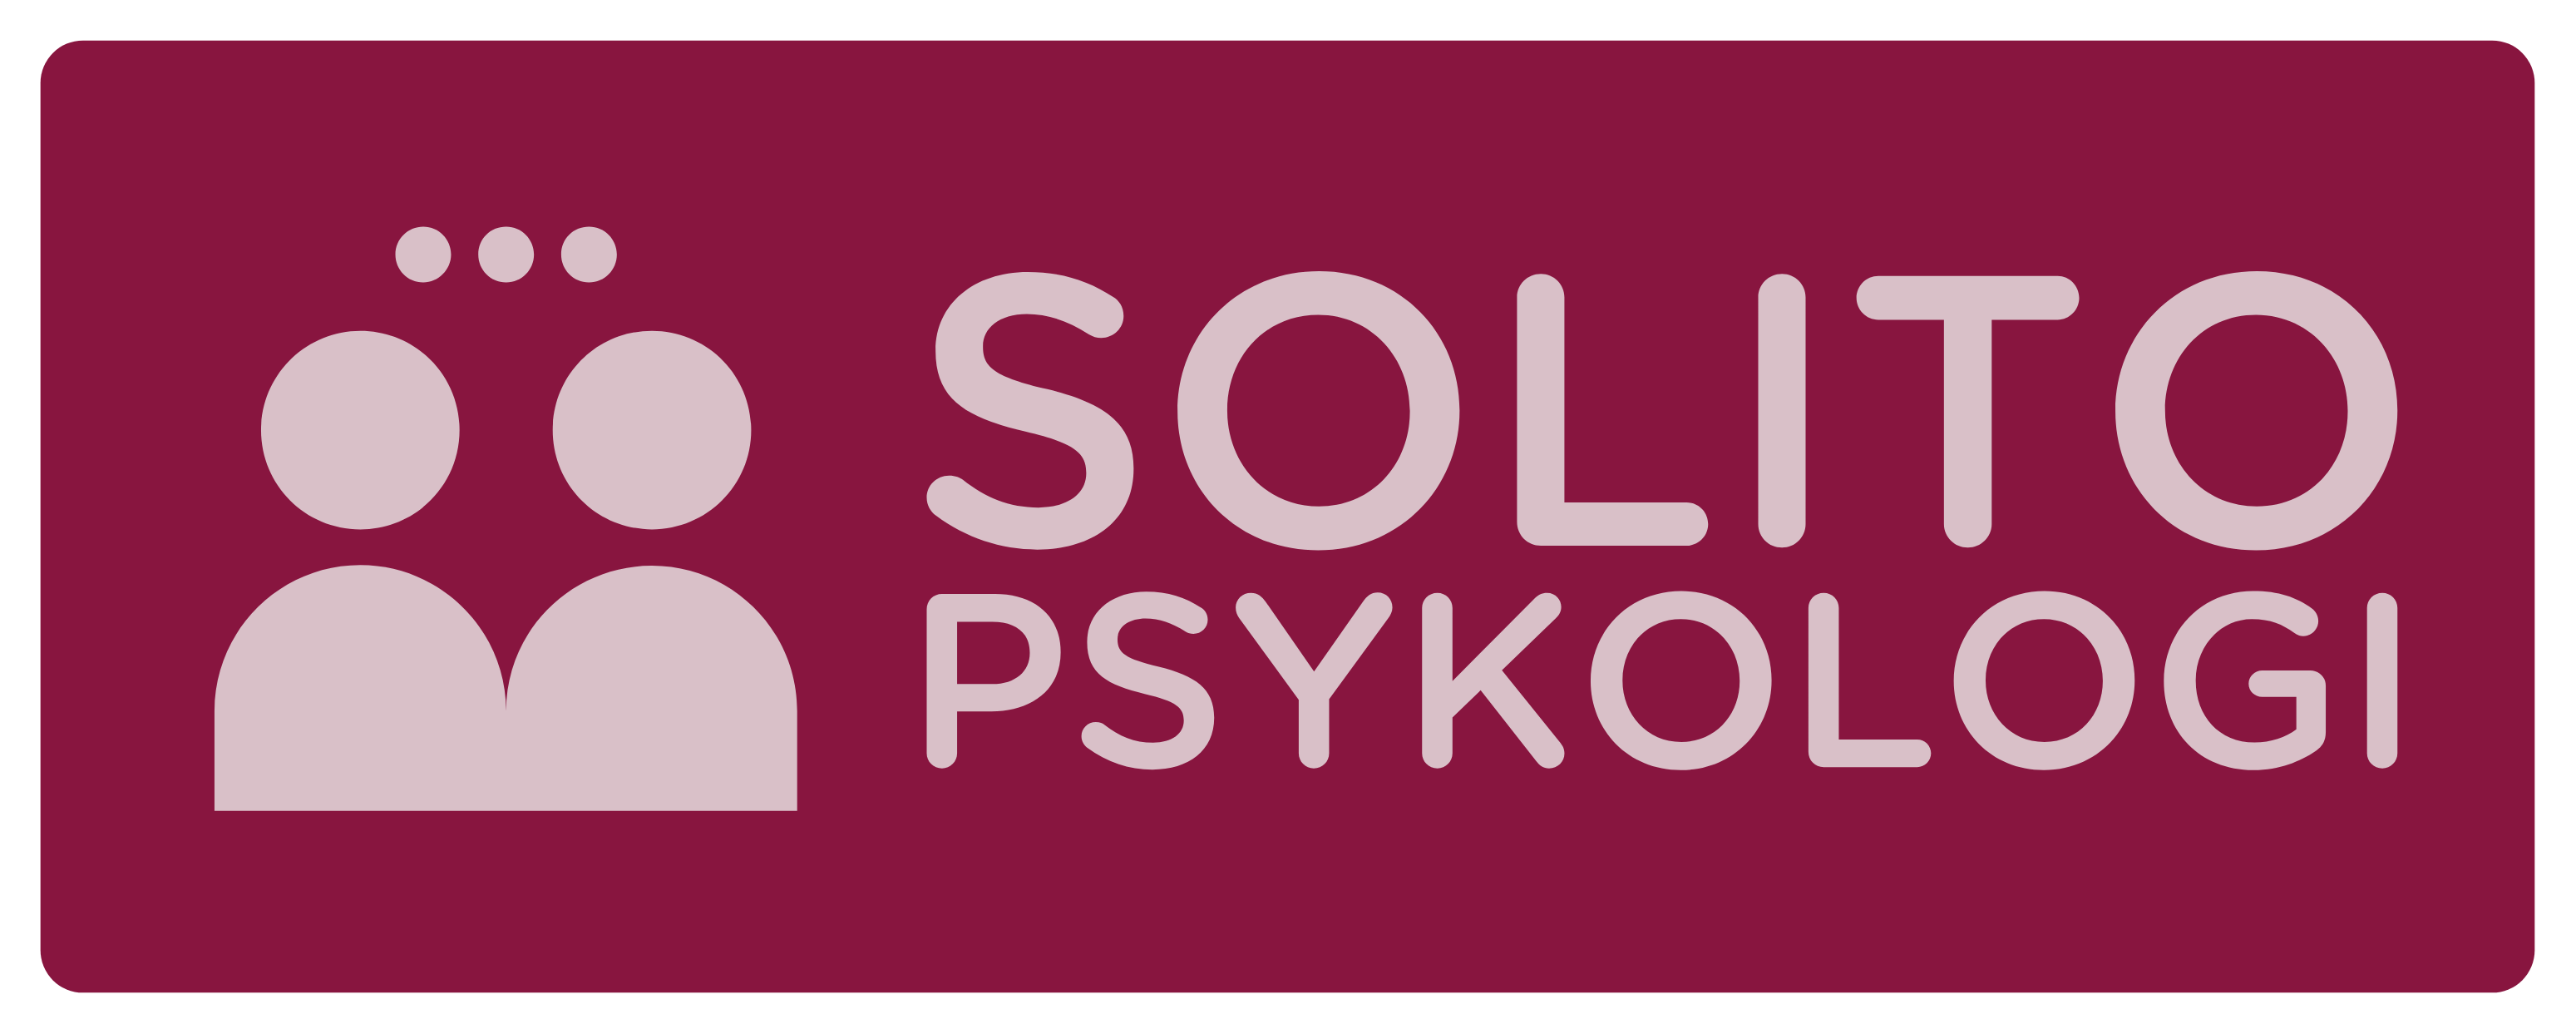 Solito Psykologi